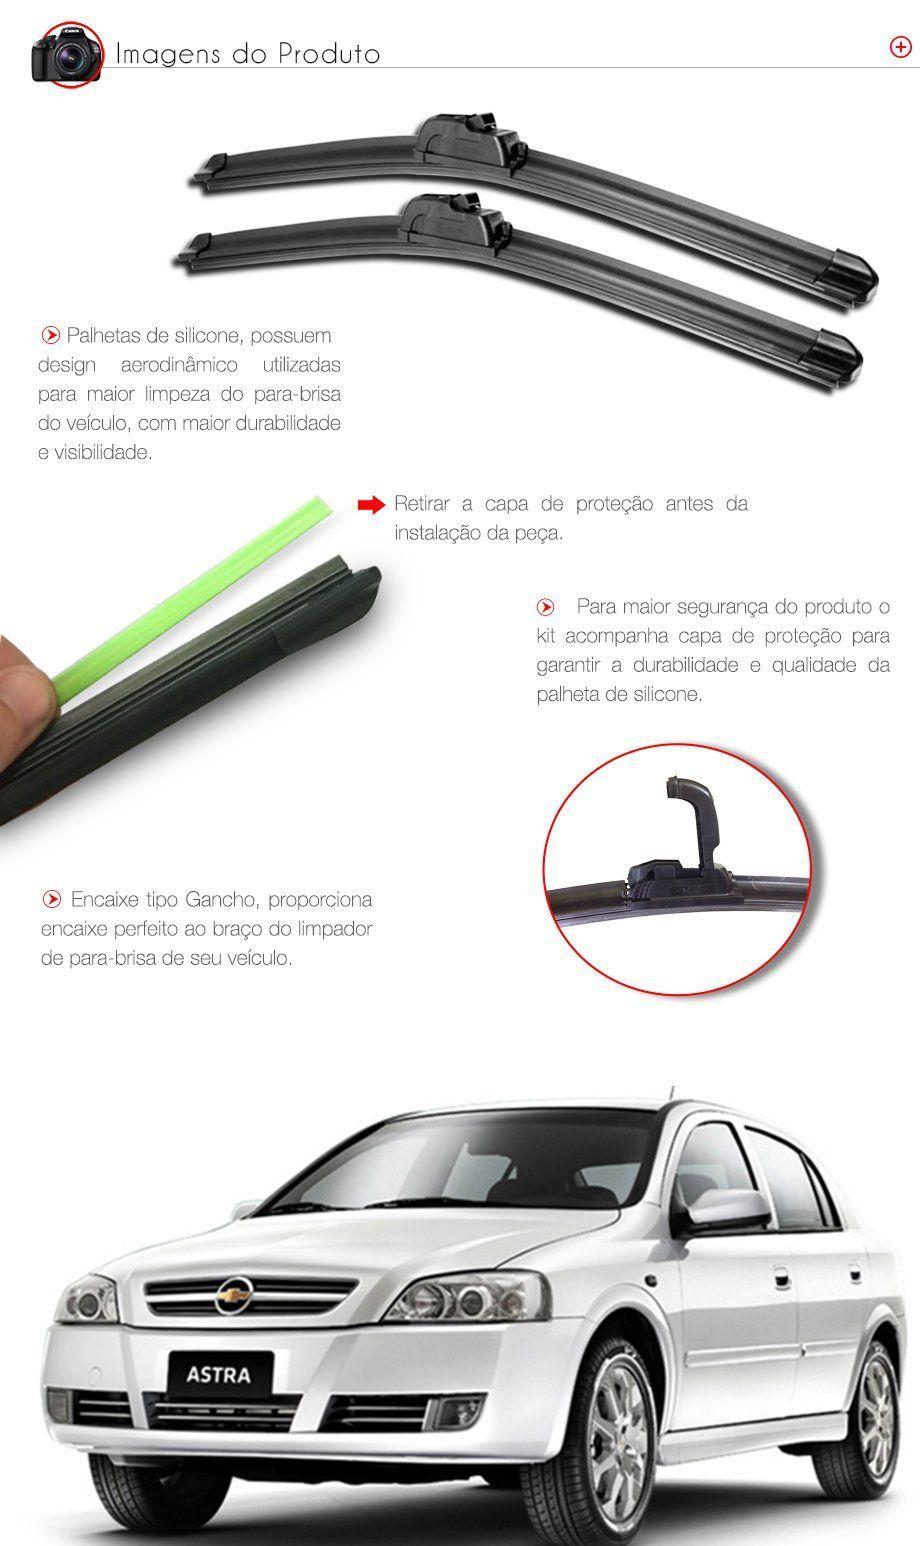 Palheta Slim Limpador Parabrisa  Astra 1998 1999 2000 2001 a 2009 2010 2011